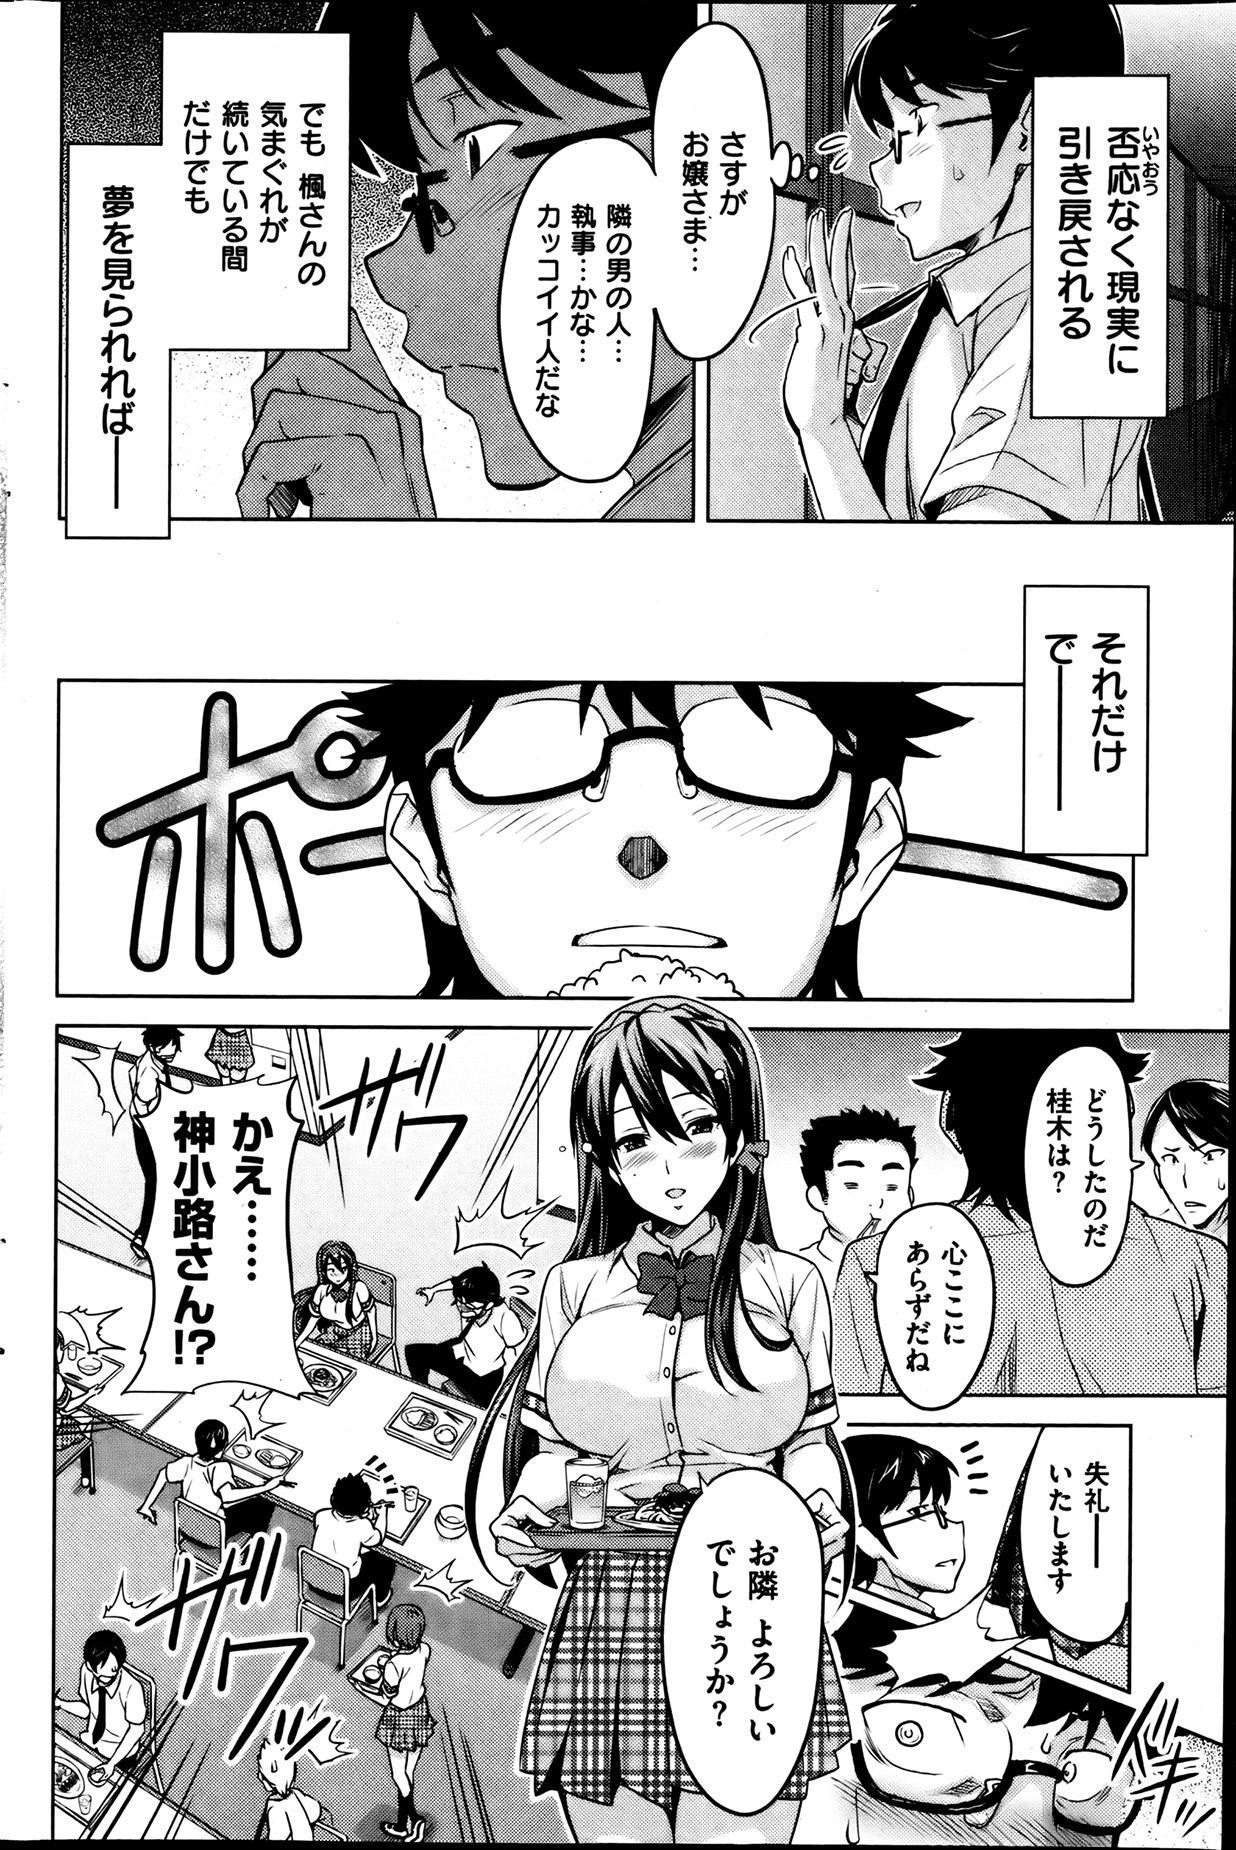 COMIC HANA-MAN 2013-08 Takeda Hiromitsu Tokushuu 173